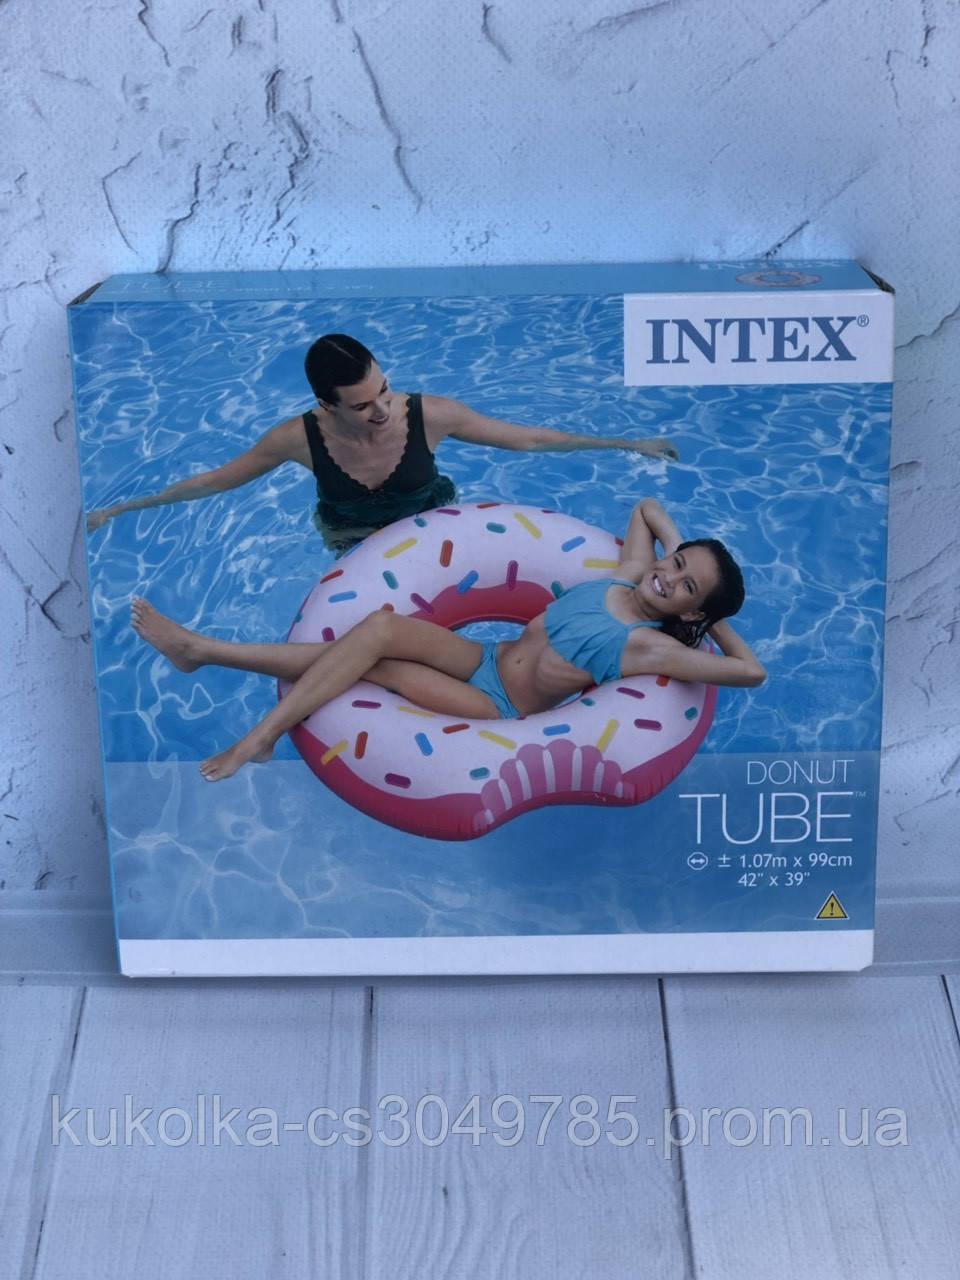 Надувной круг-кресло Intex Пончик высококачественный винил  артикул 56265